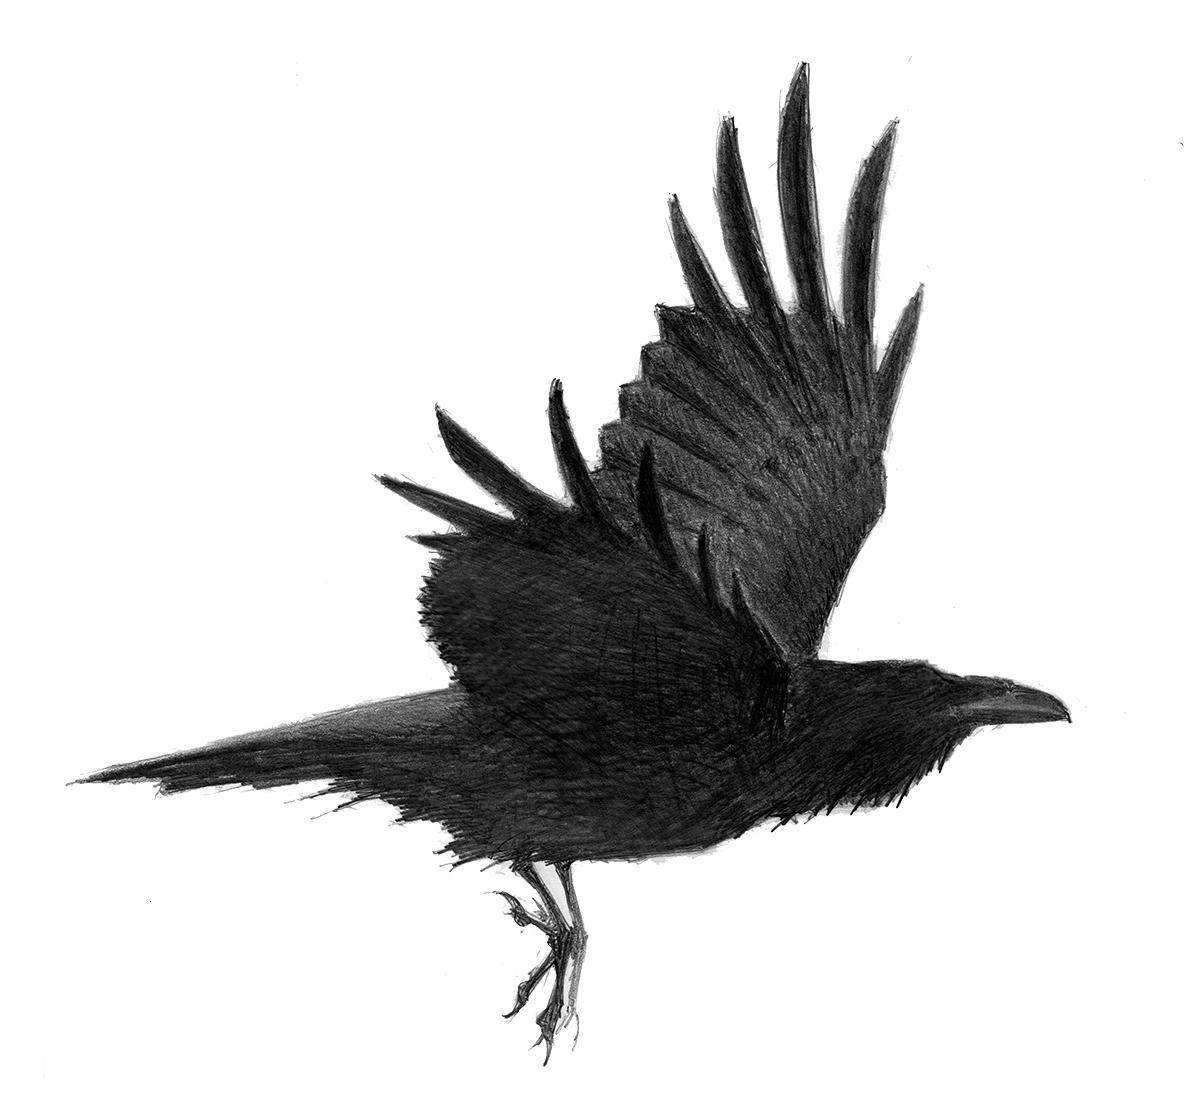 Drawn raven common raven Common Raven Drawing Raven Drawing